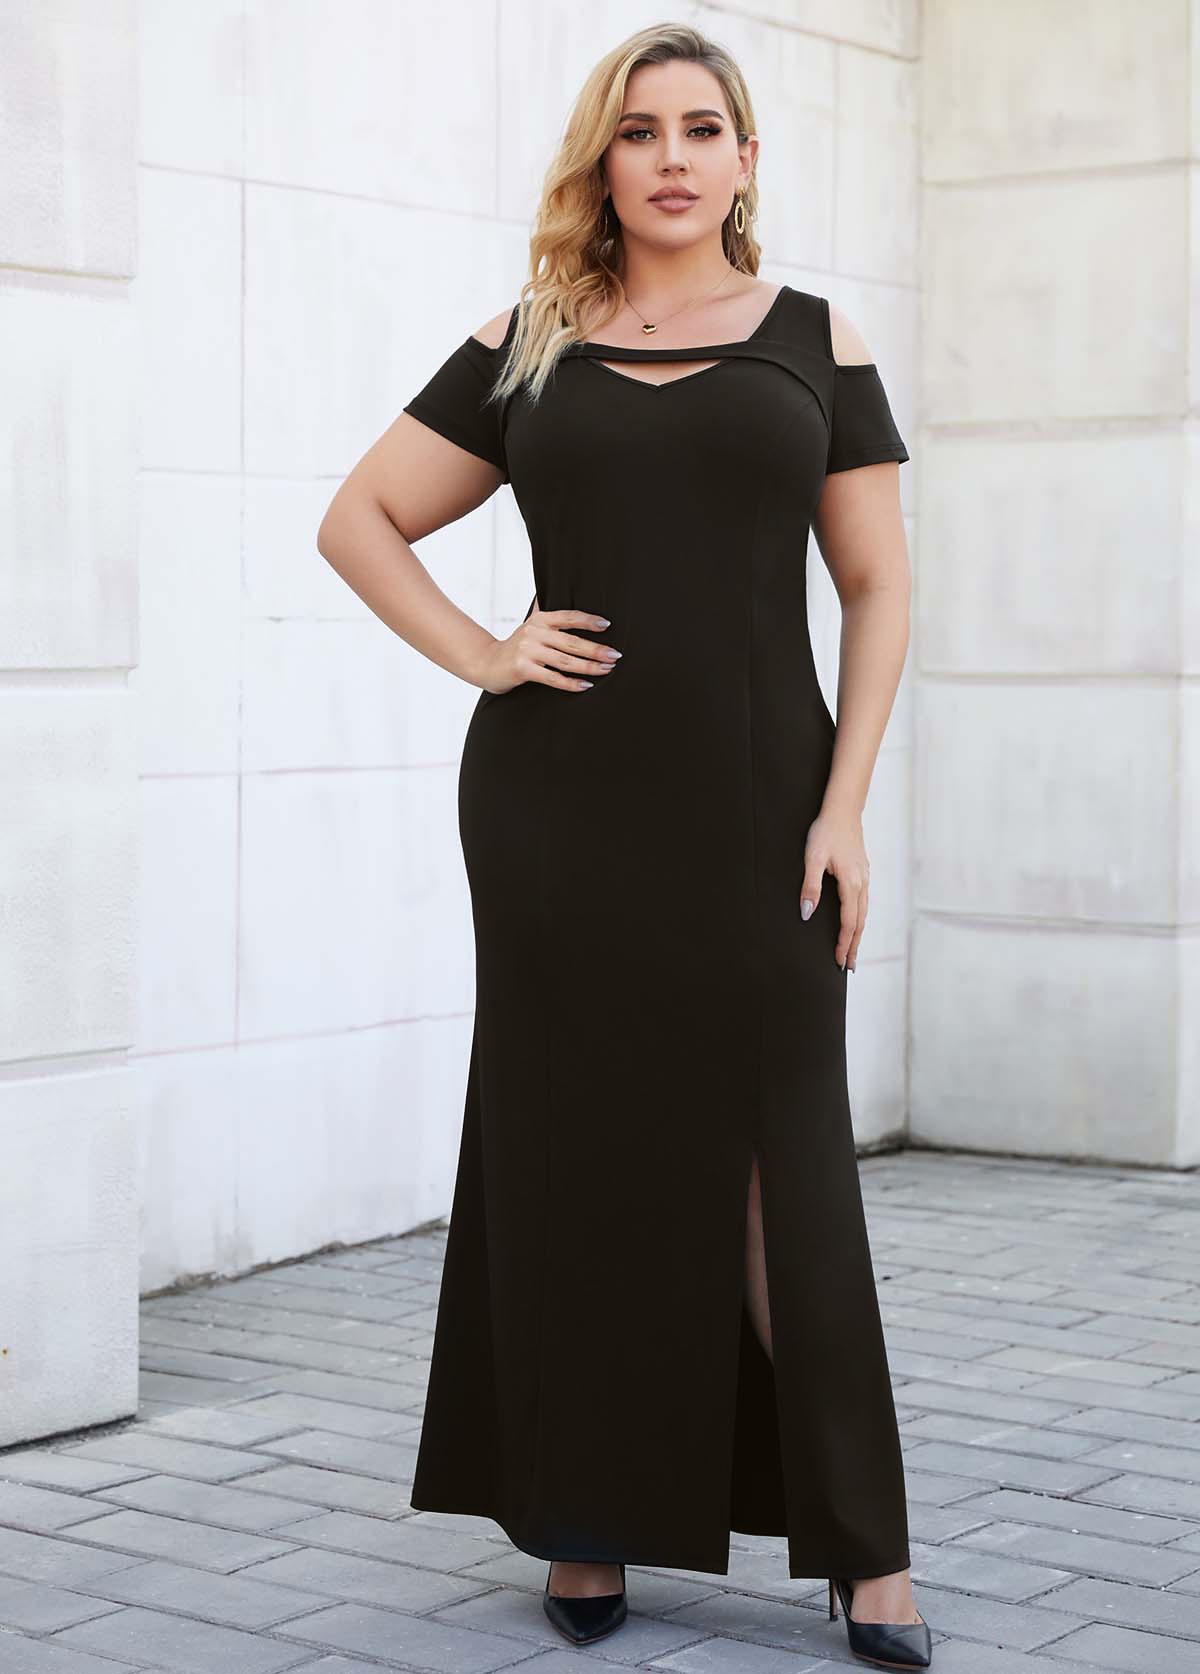 Cold Shoulder Side Slit Plus Size Pierced Black Dress